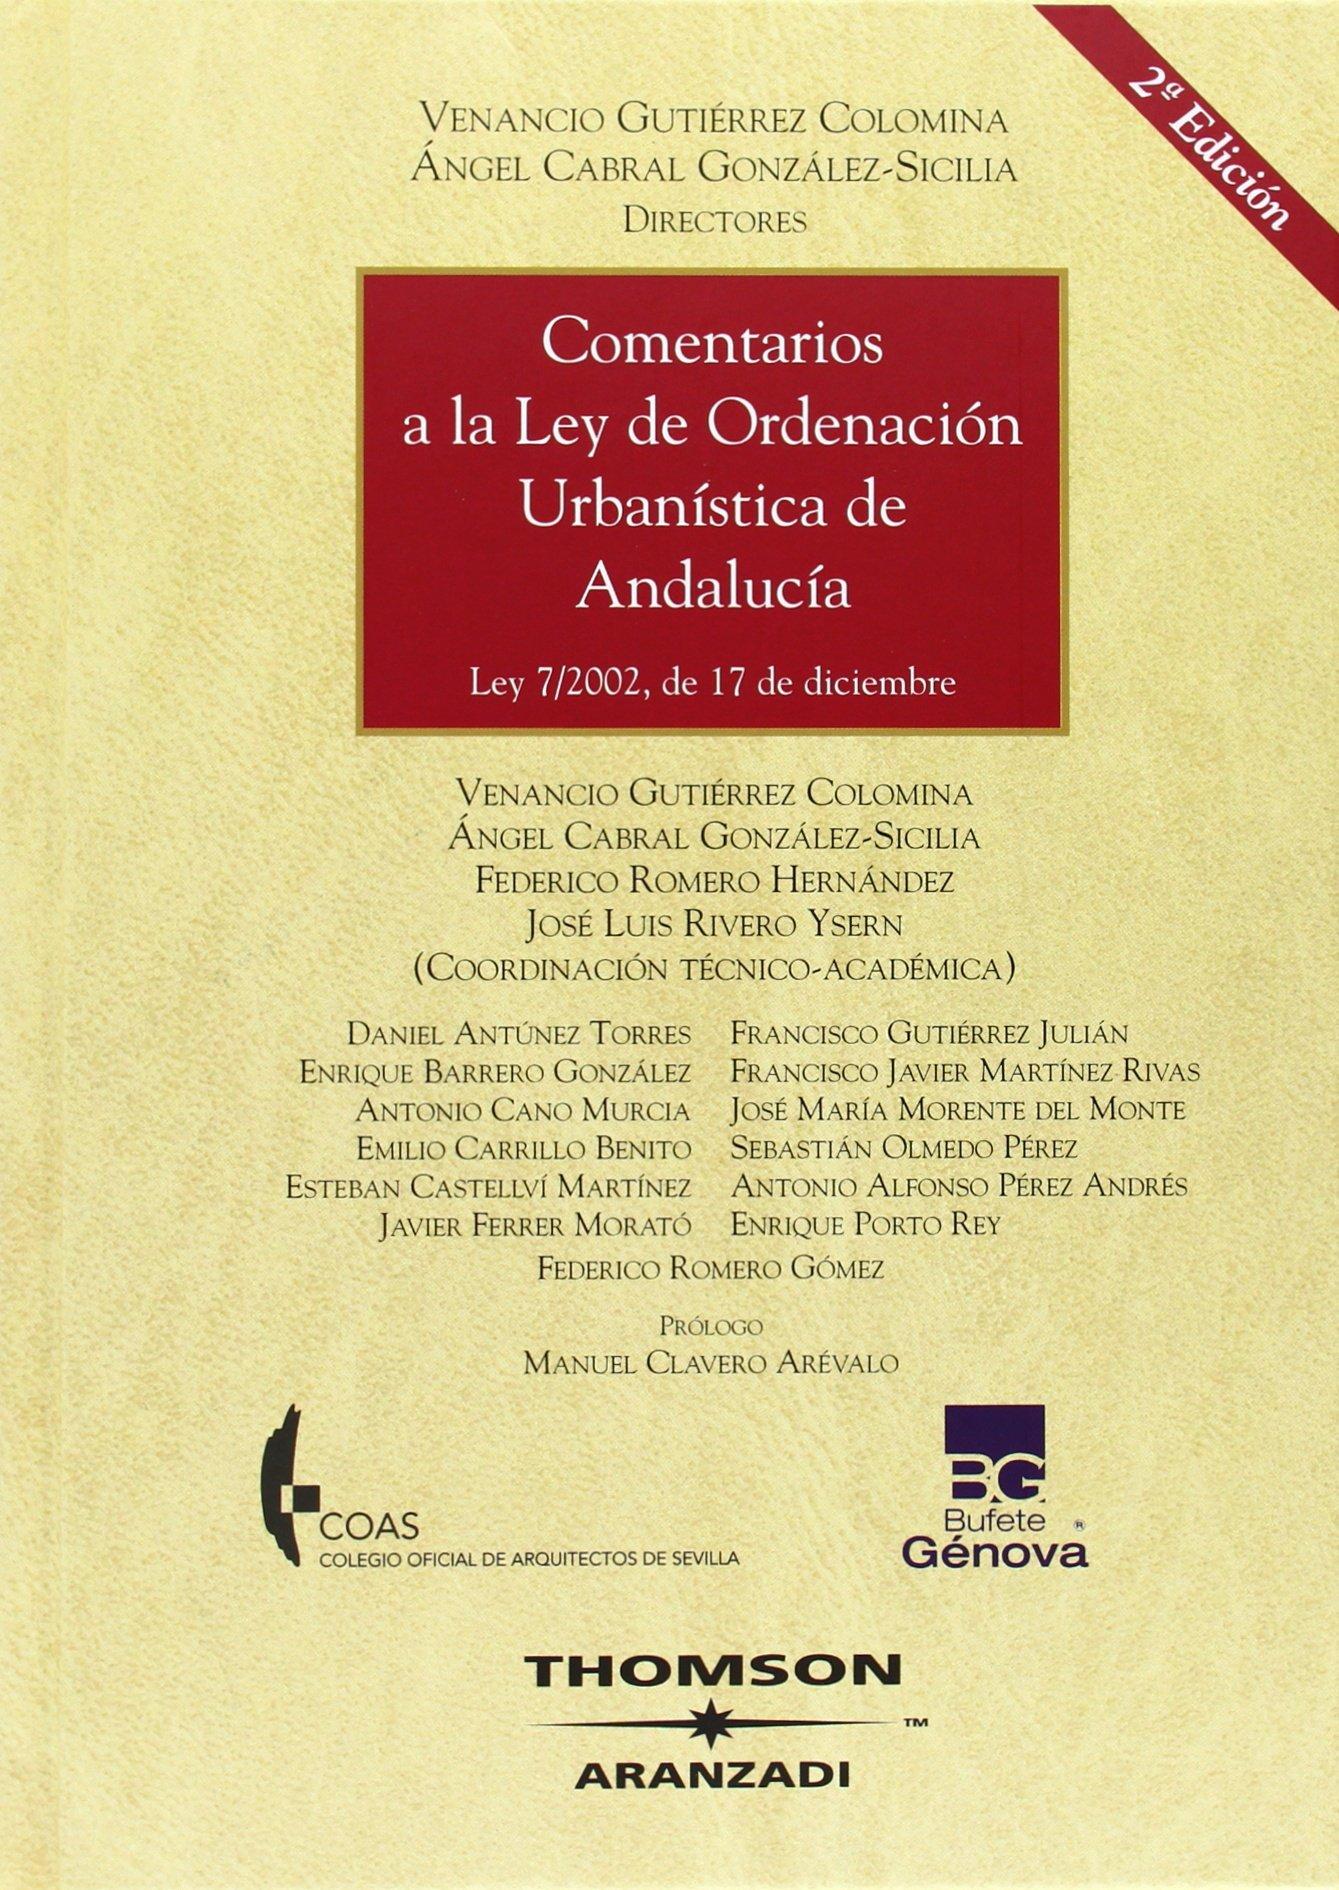 Comentarios a la Ley de Ordenación Urbanistica de Andalucía - Ley número 7/2002, de 17 de diciembre (Gran Tratado)